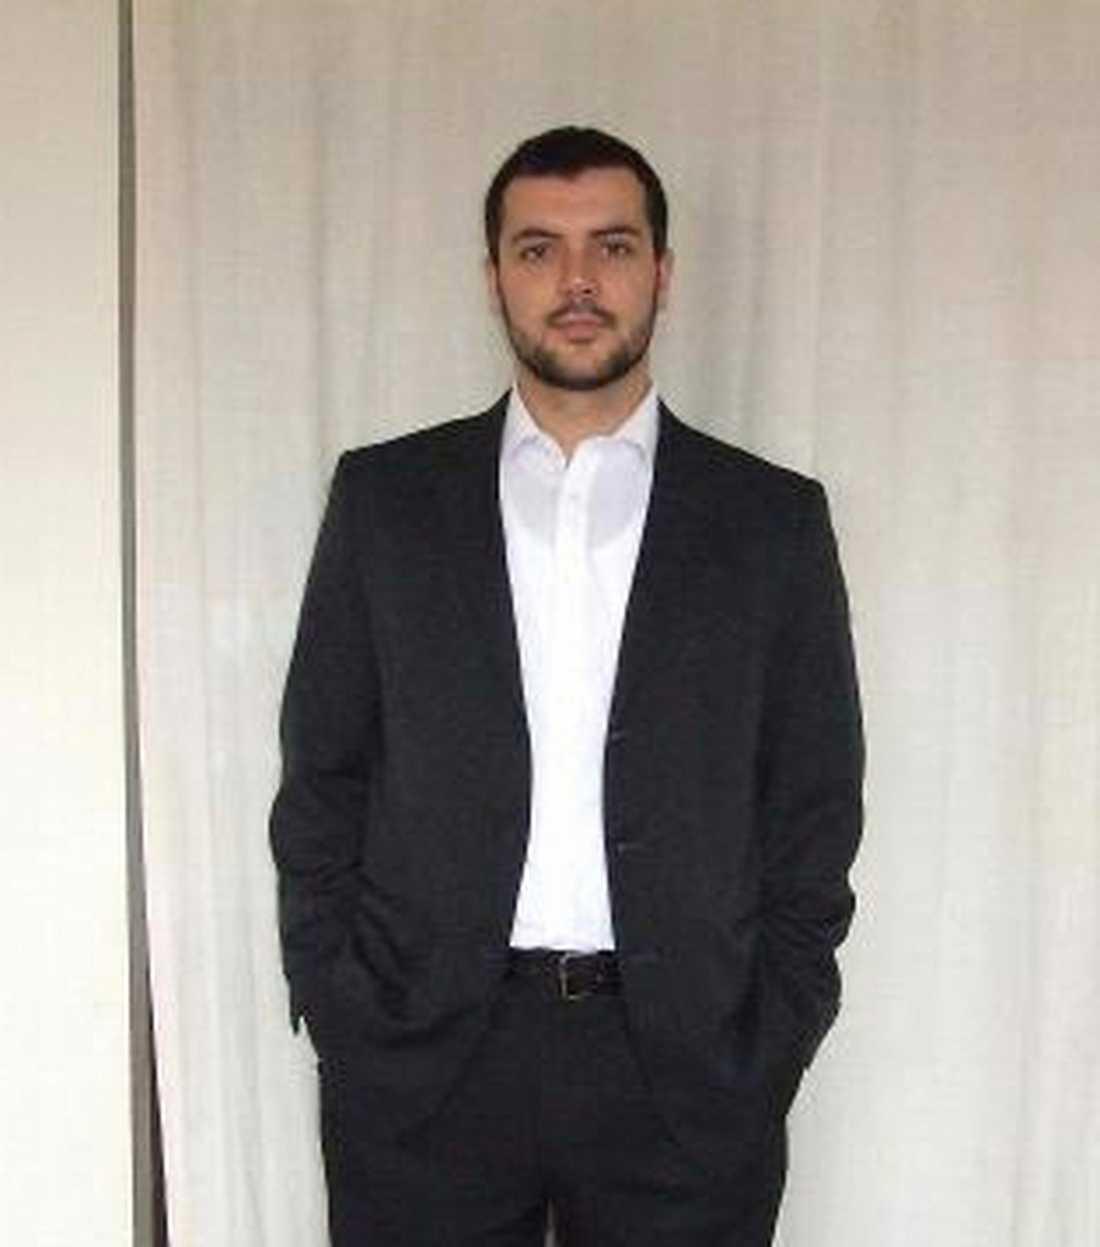 Taimour Abdulwahab – terrorist som sprängde sig själv.